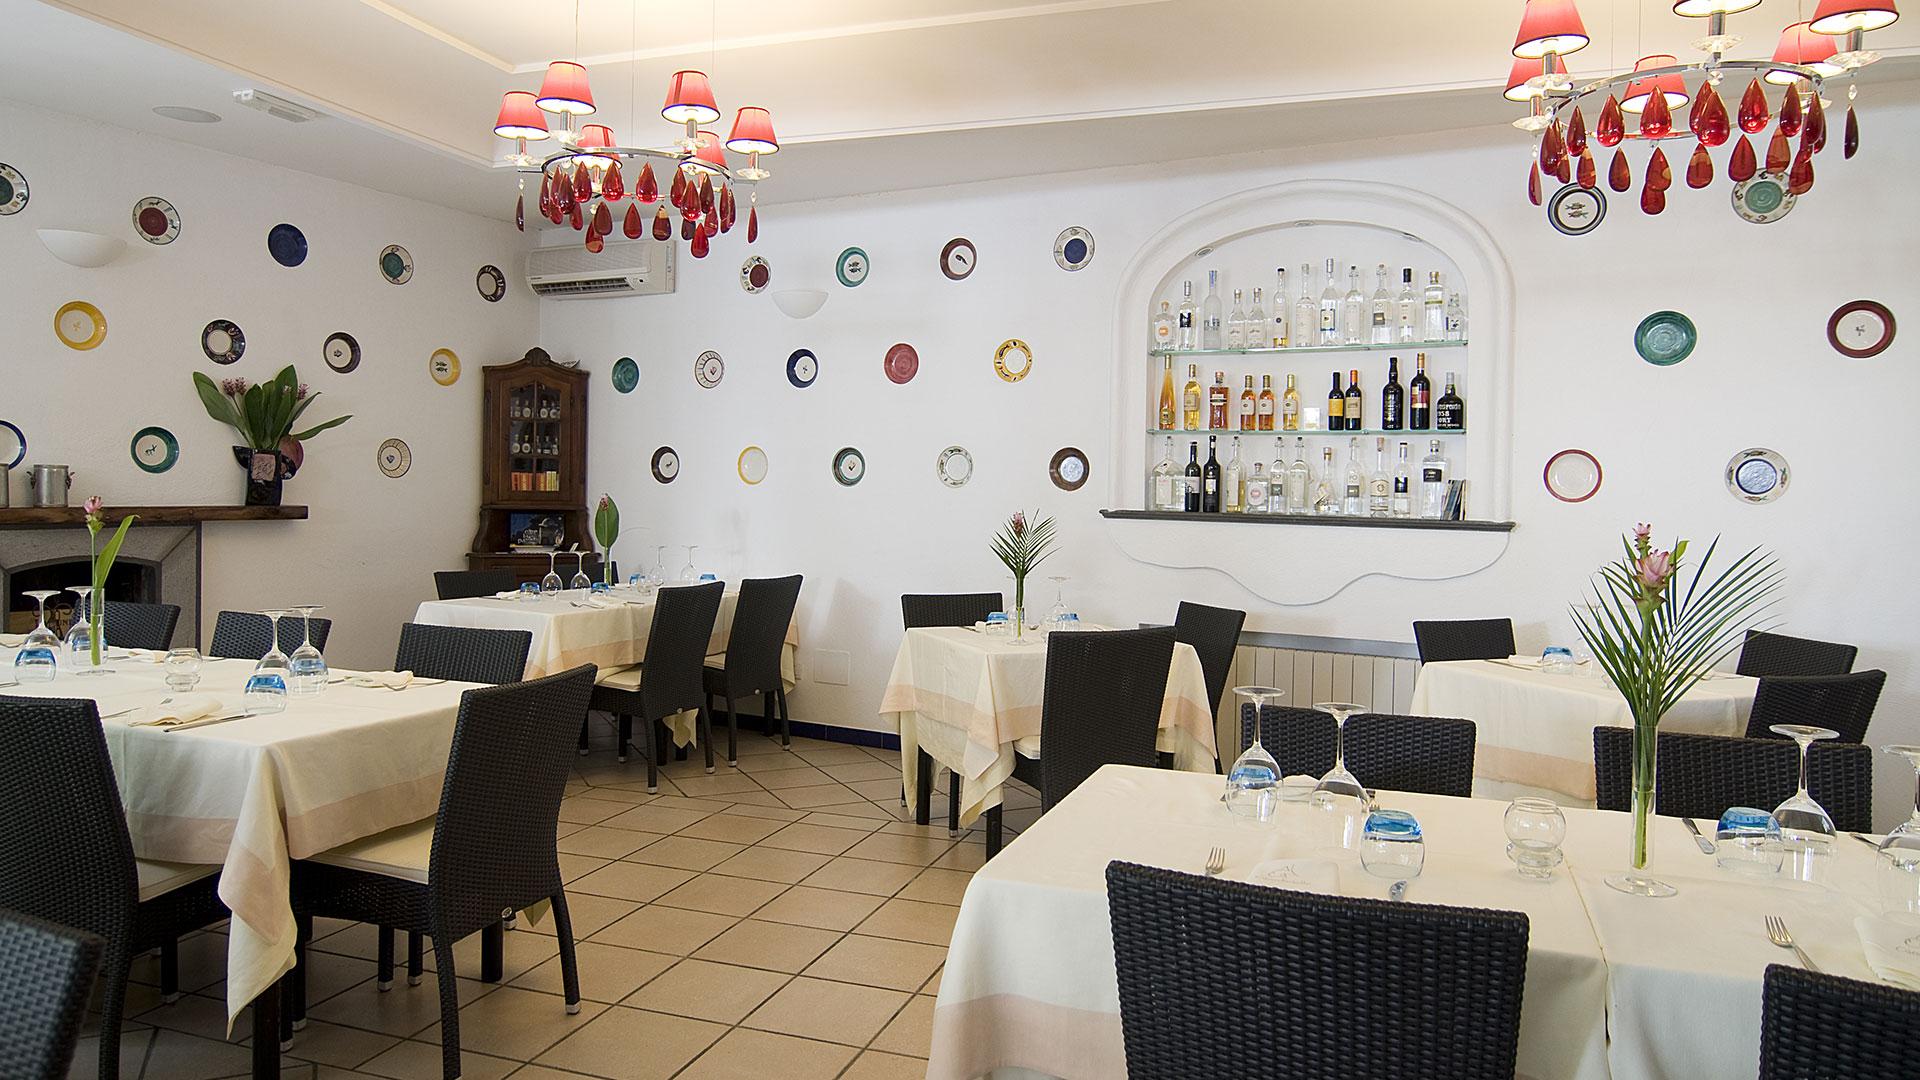 Referenze marchi e portfolio arredamenti e forniture for Arredamenti ristoranti moderni